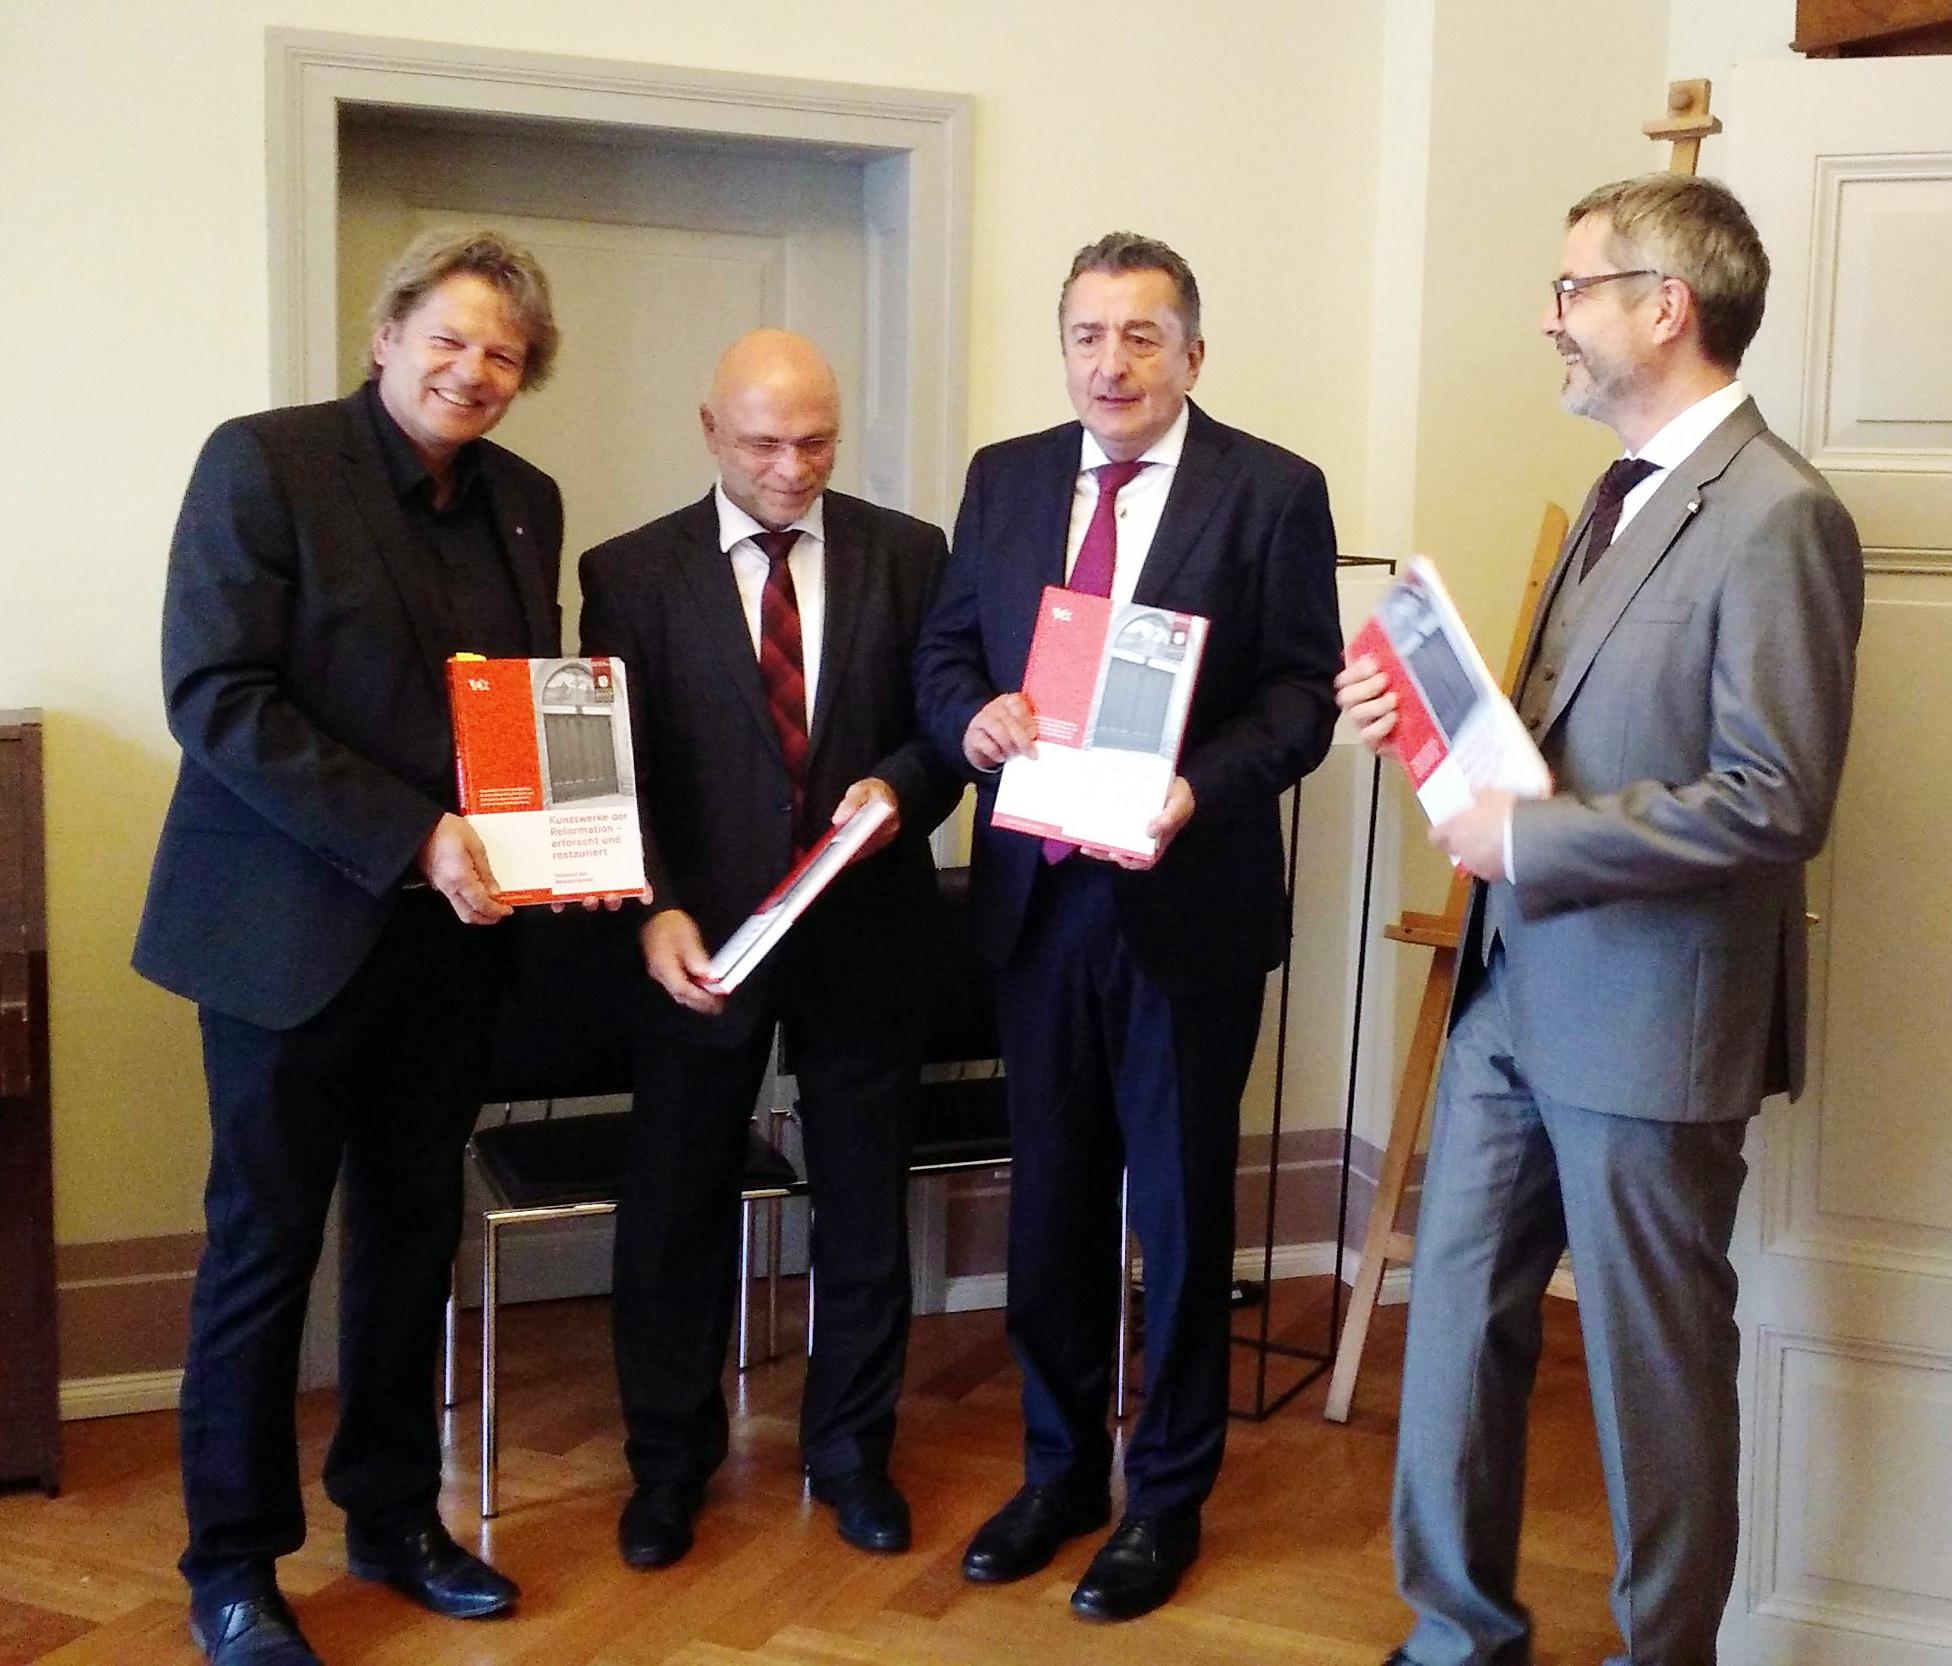 Feierliche Buchübergabe am Tag des Reformationsjubiläums 2017.